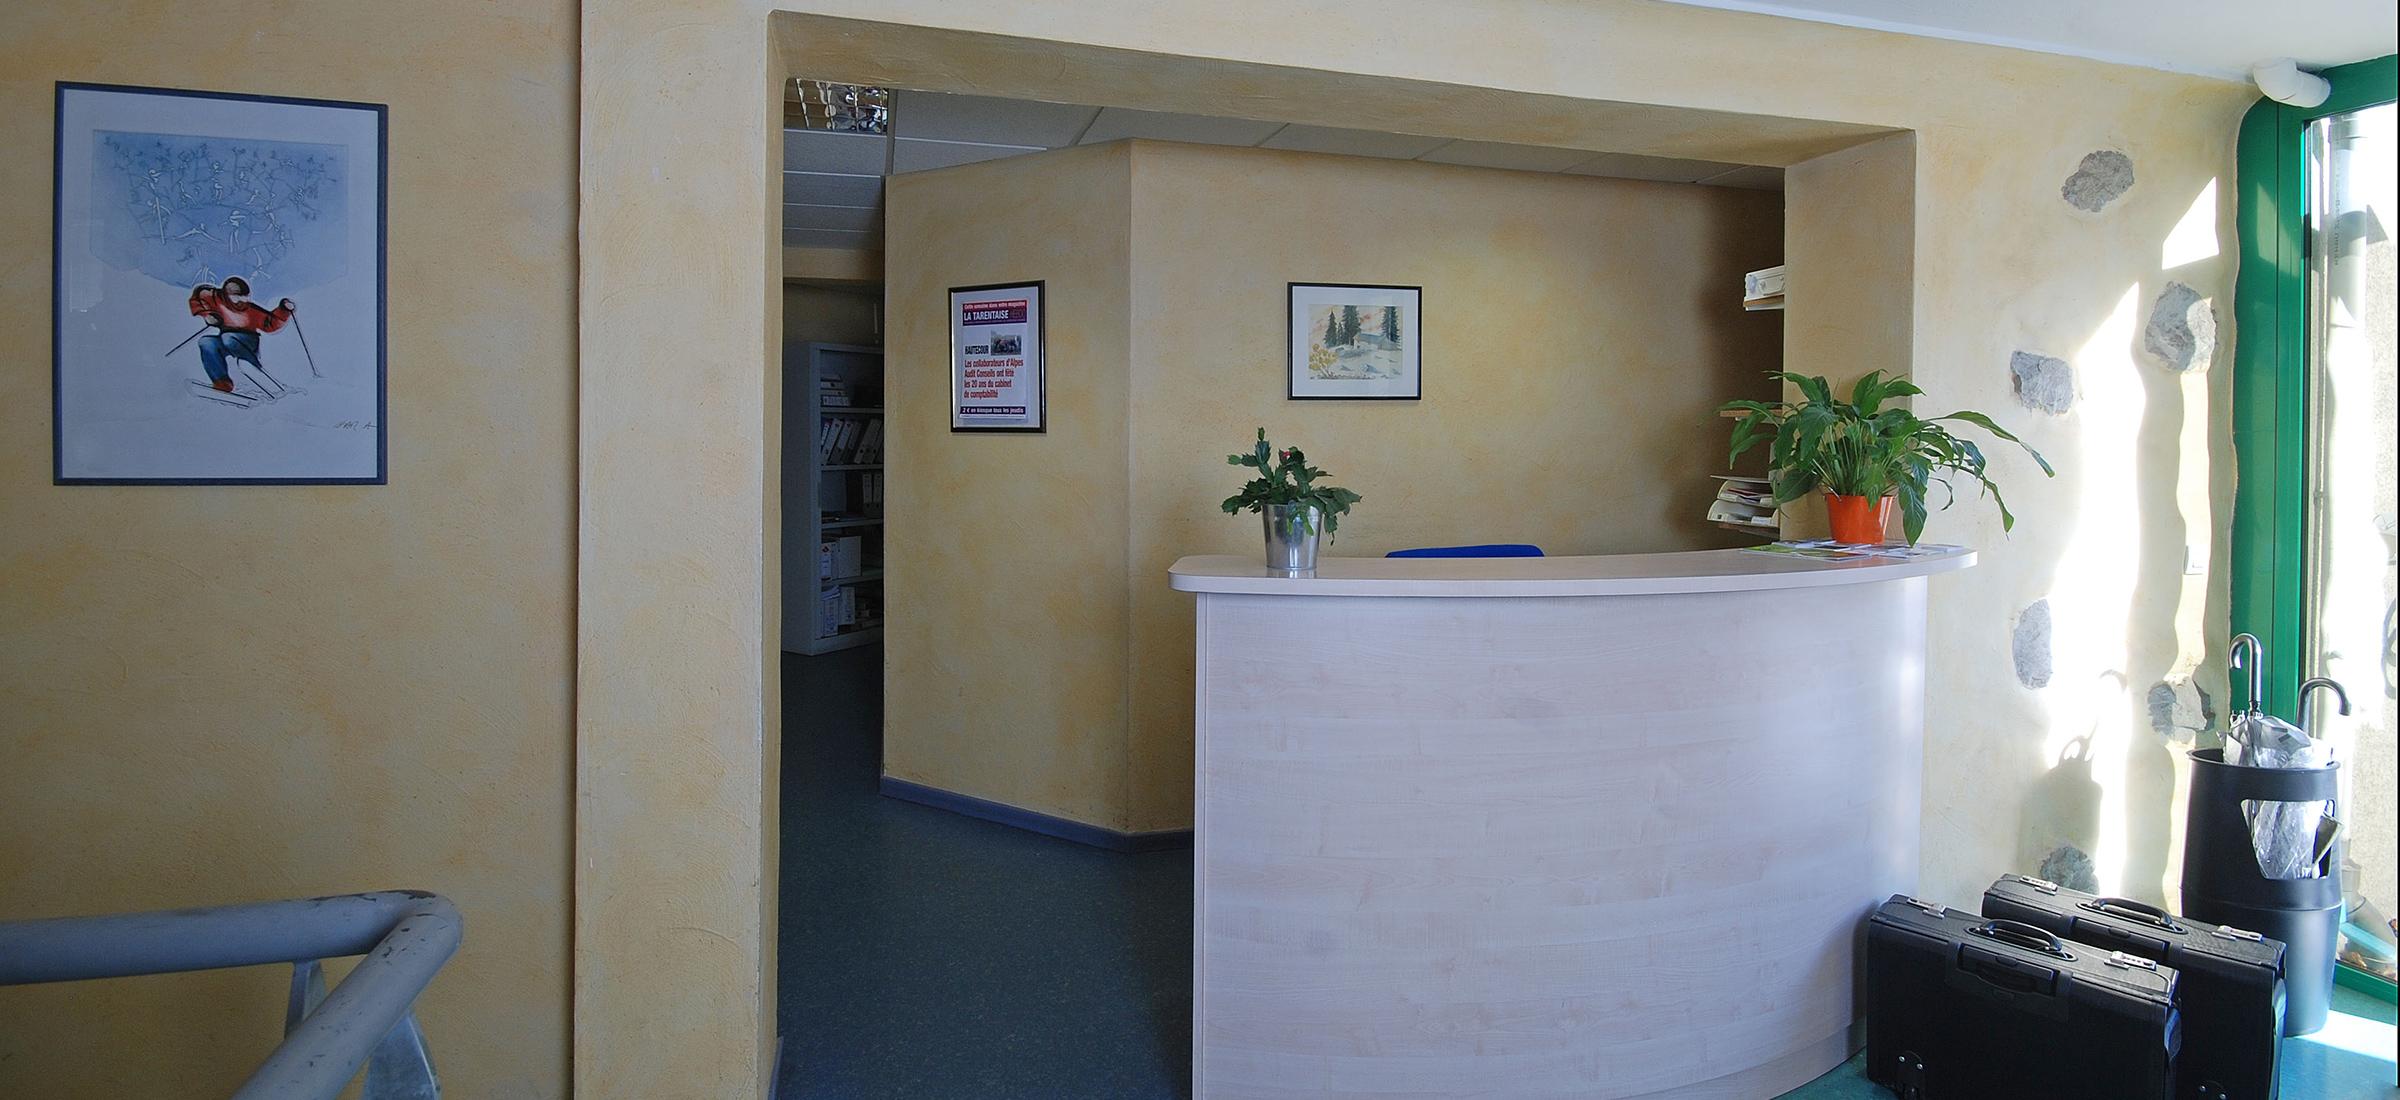 Le cabinet alpes audit conseils vous accueille alpes audit conseils - Cabinet audit et conseil ...